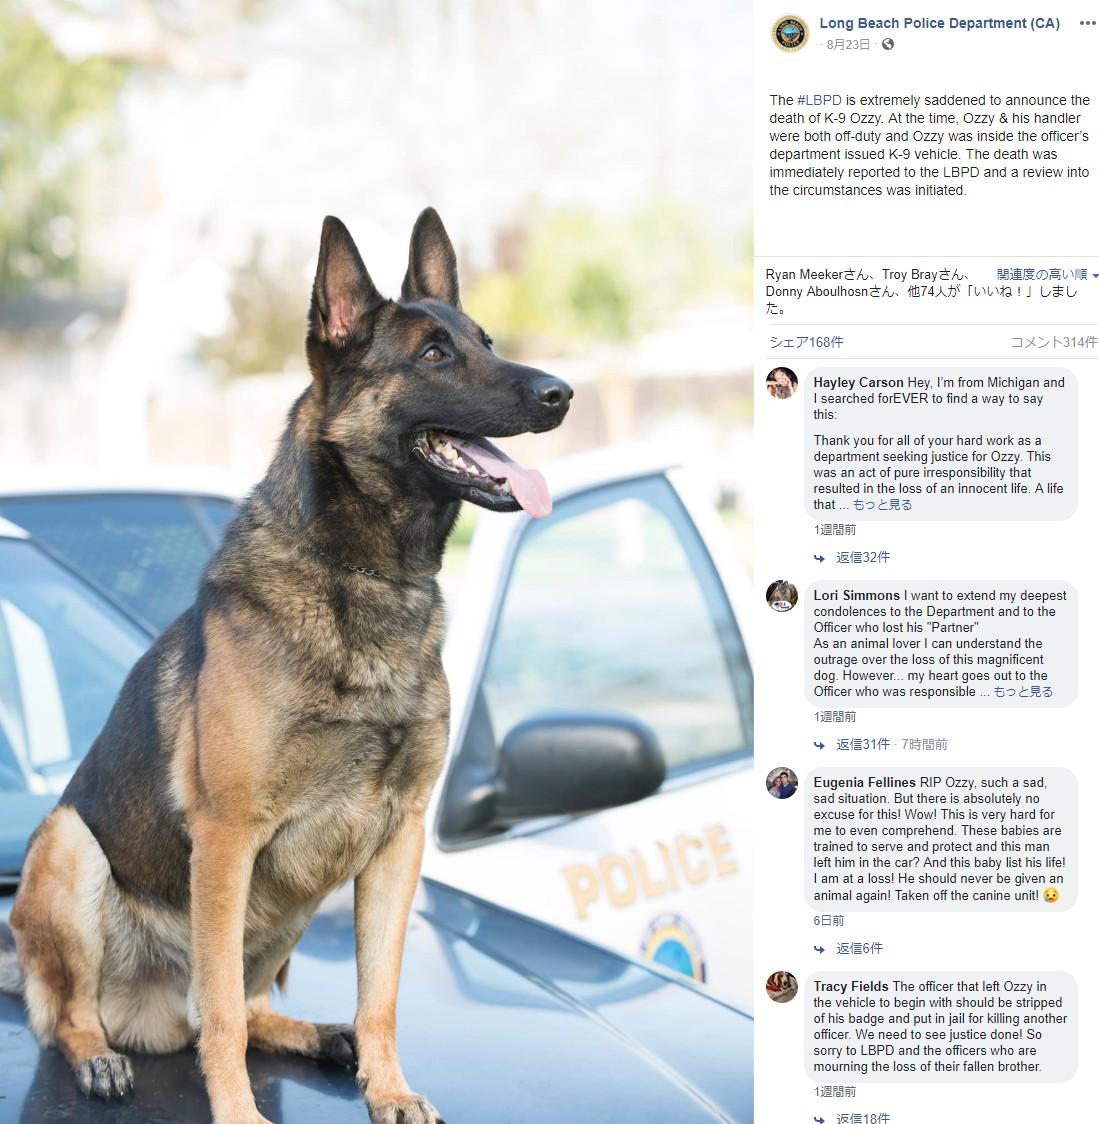 パトカー車内で命を落とした警察犬(画像は『Long Beach Police Department(CA) 2019年8月23日付Facebook「The #LBPD is extremely saddened to announce the death of K-9 Ozzy.」』のスクリーンショット)